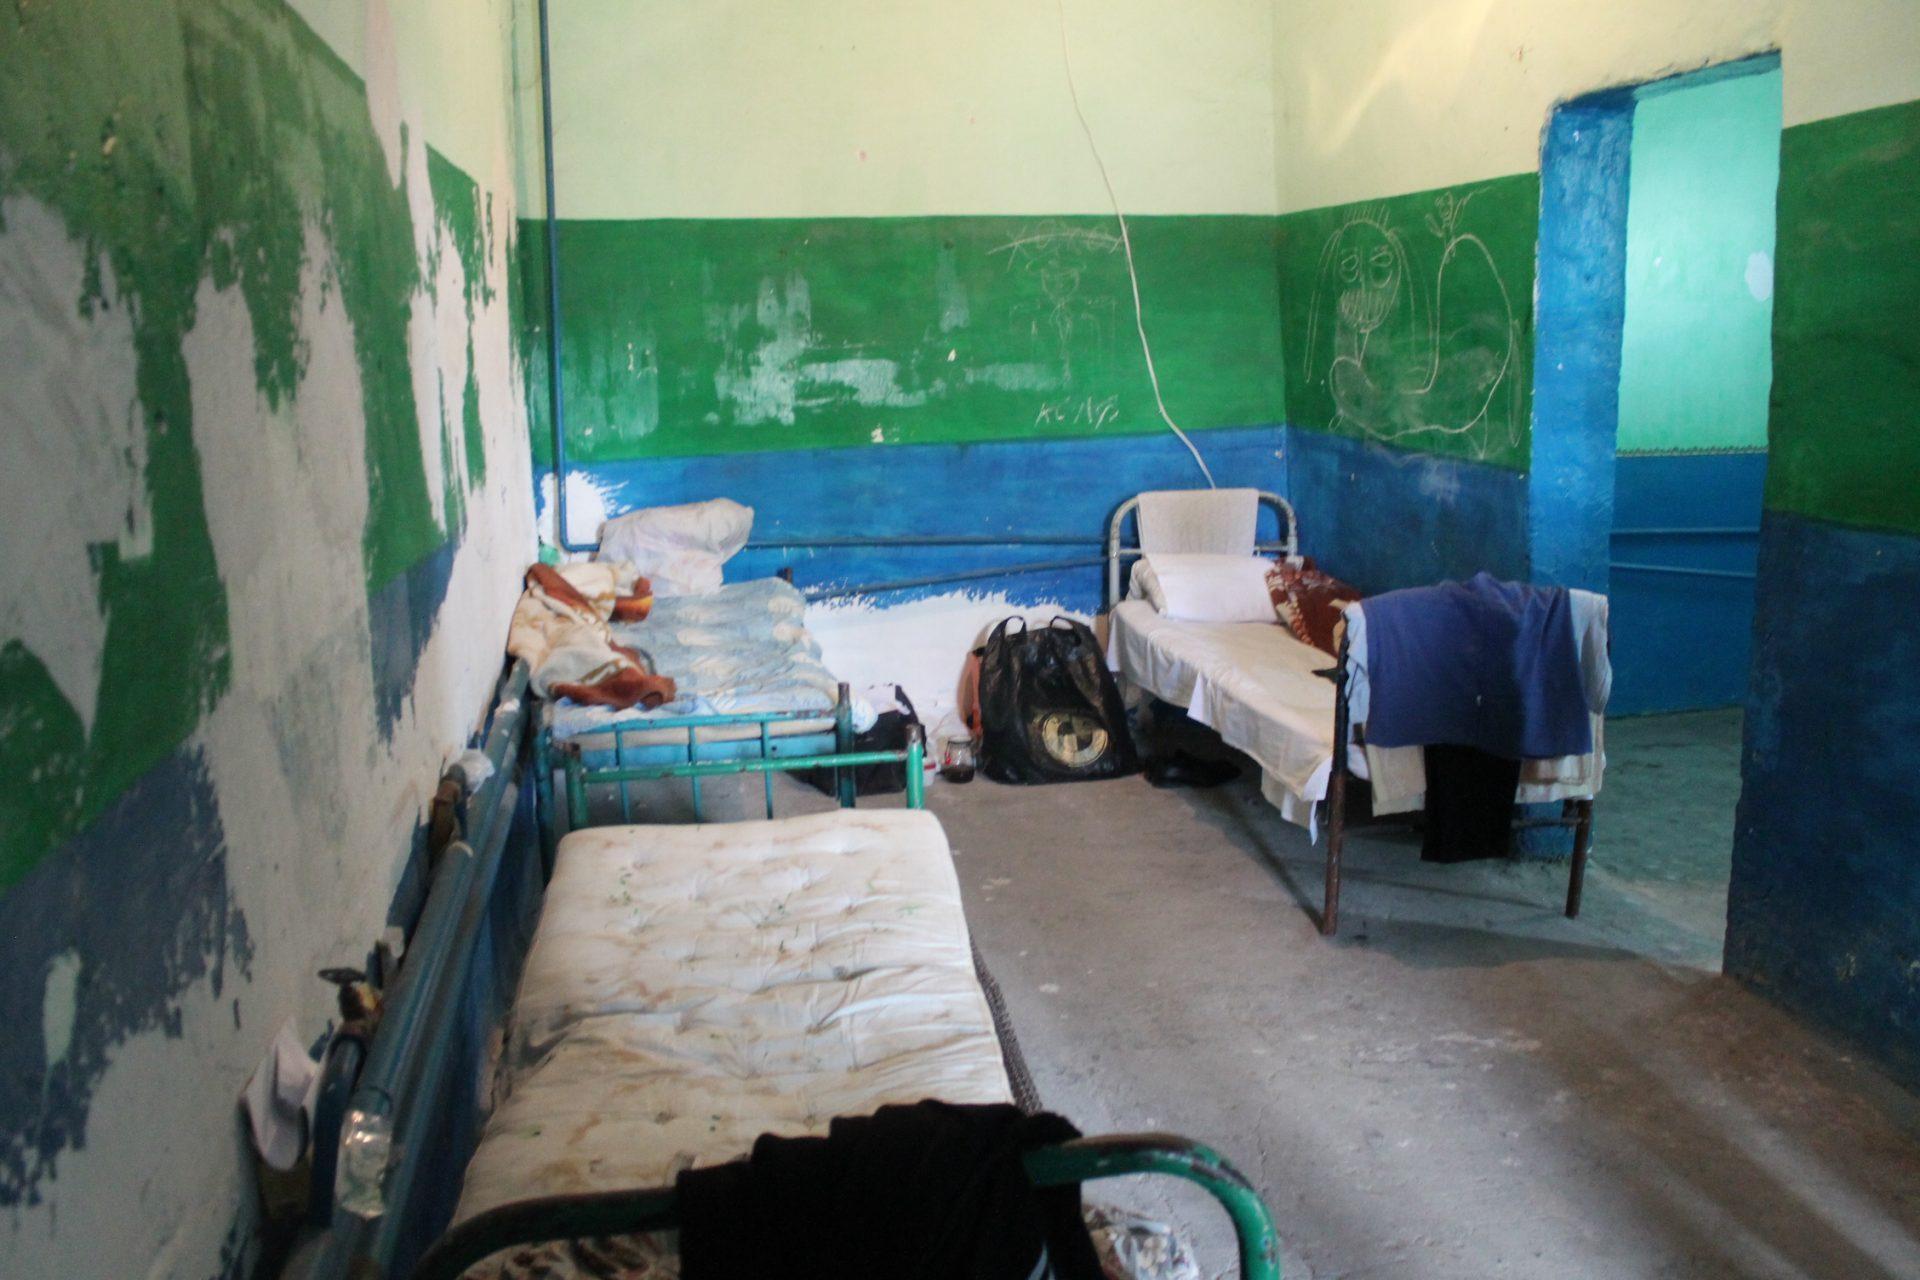 Трое заключенных, находящихся в критическом состоянии, переведены в тюремную больницу вследствие проведенного сотрудниками Офиса Народного Адвоката превентивного посещения пенитенциарного учреждения